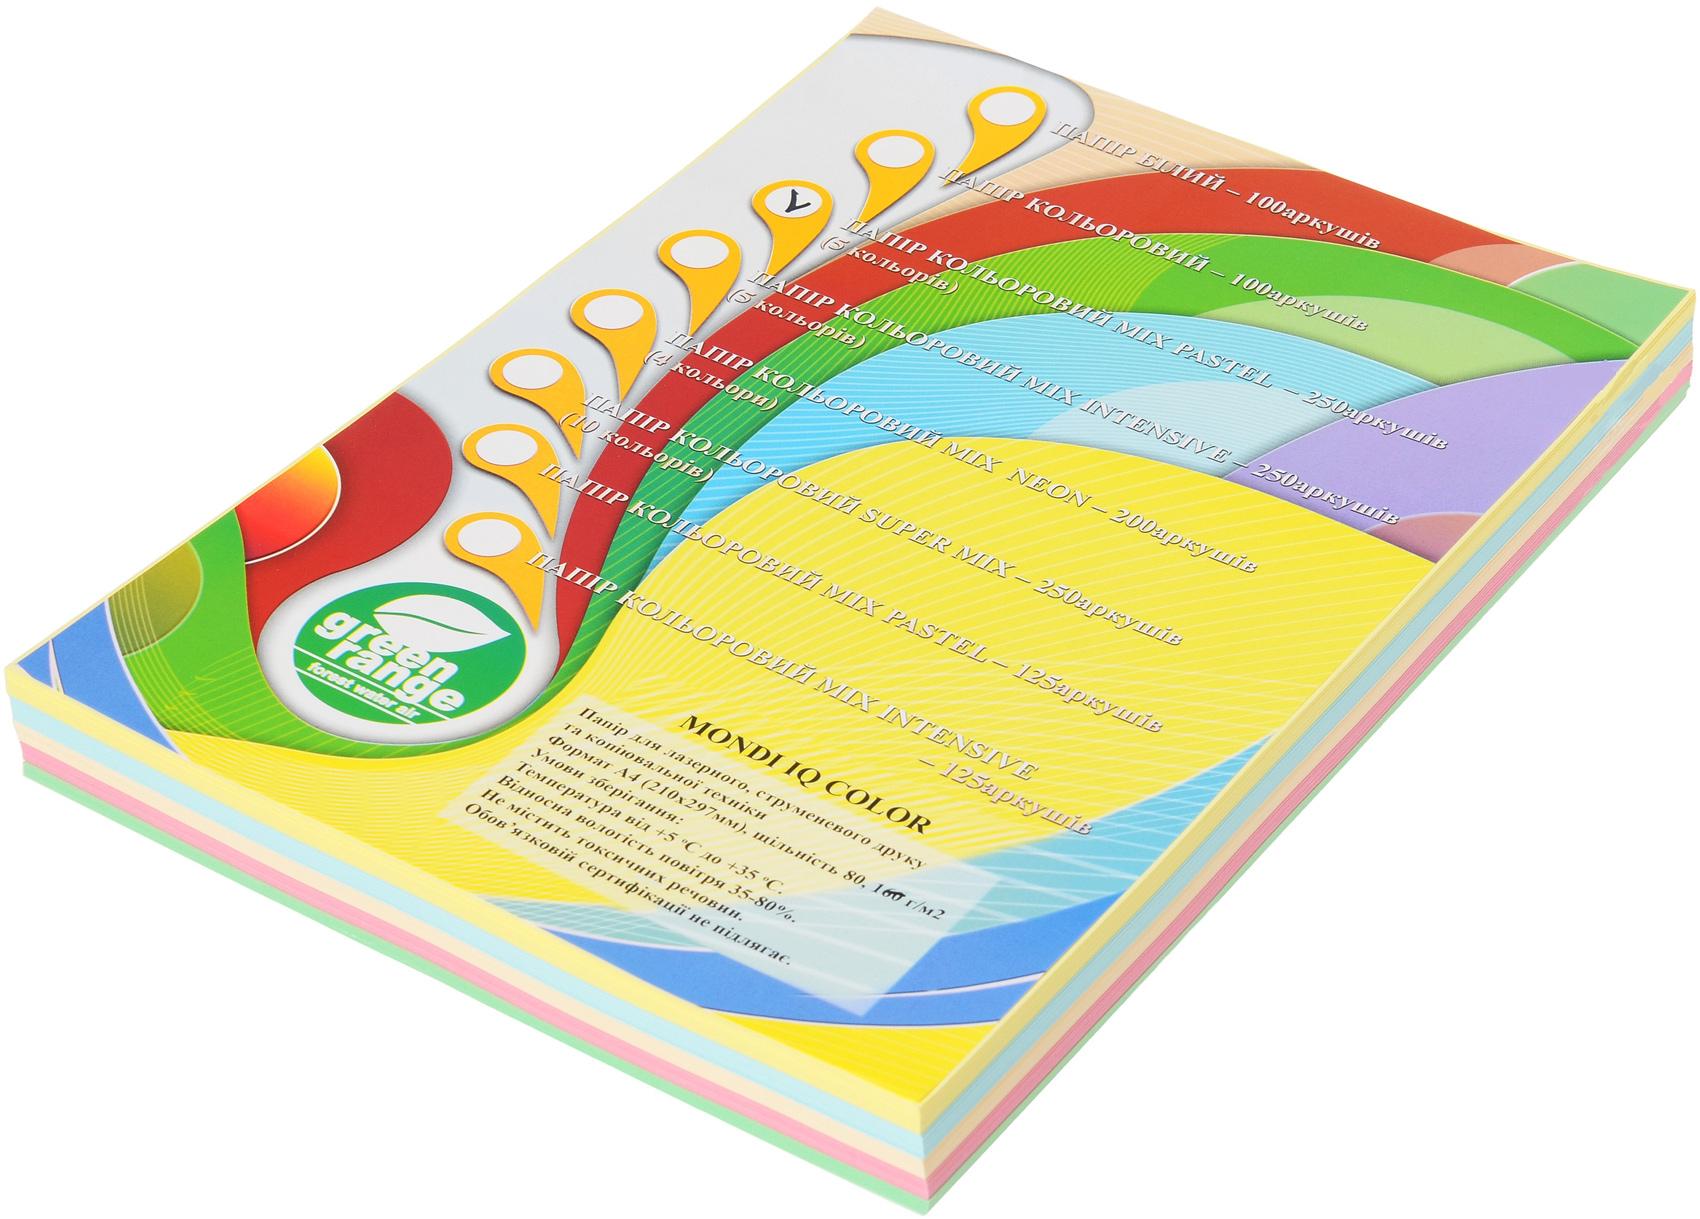 Набор бумаги цветной RB01, A4 80г/м2., 250листов (5 цветов по 50 листов), пастель